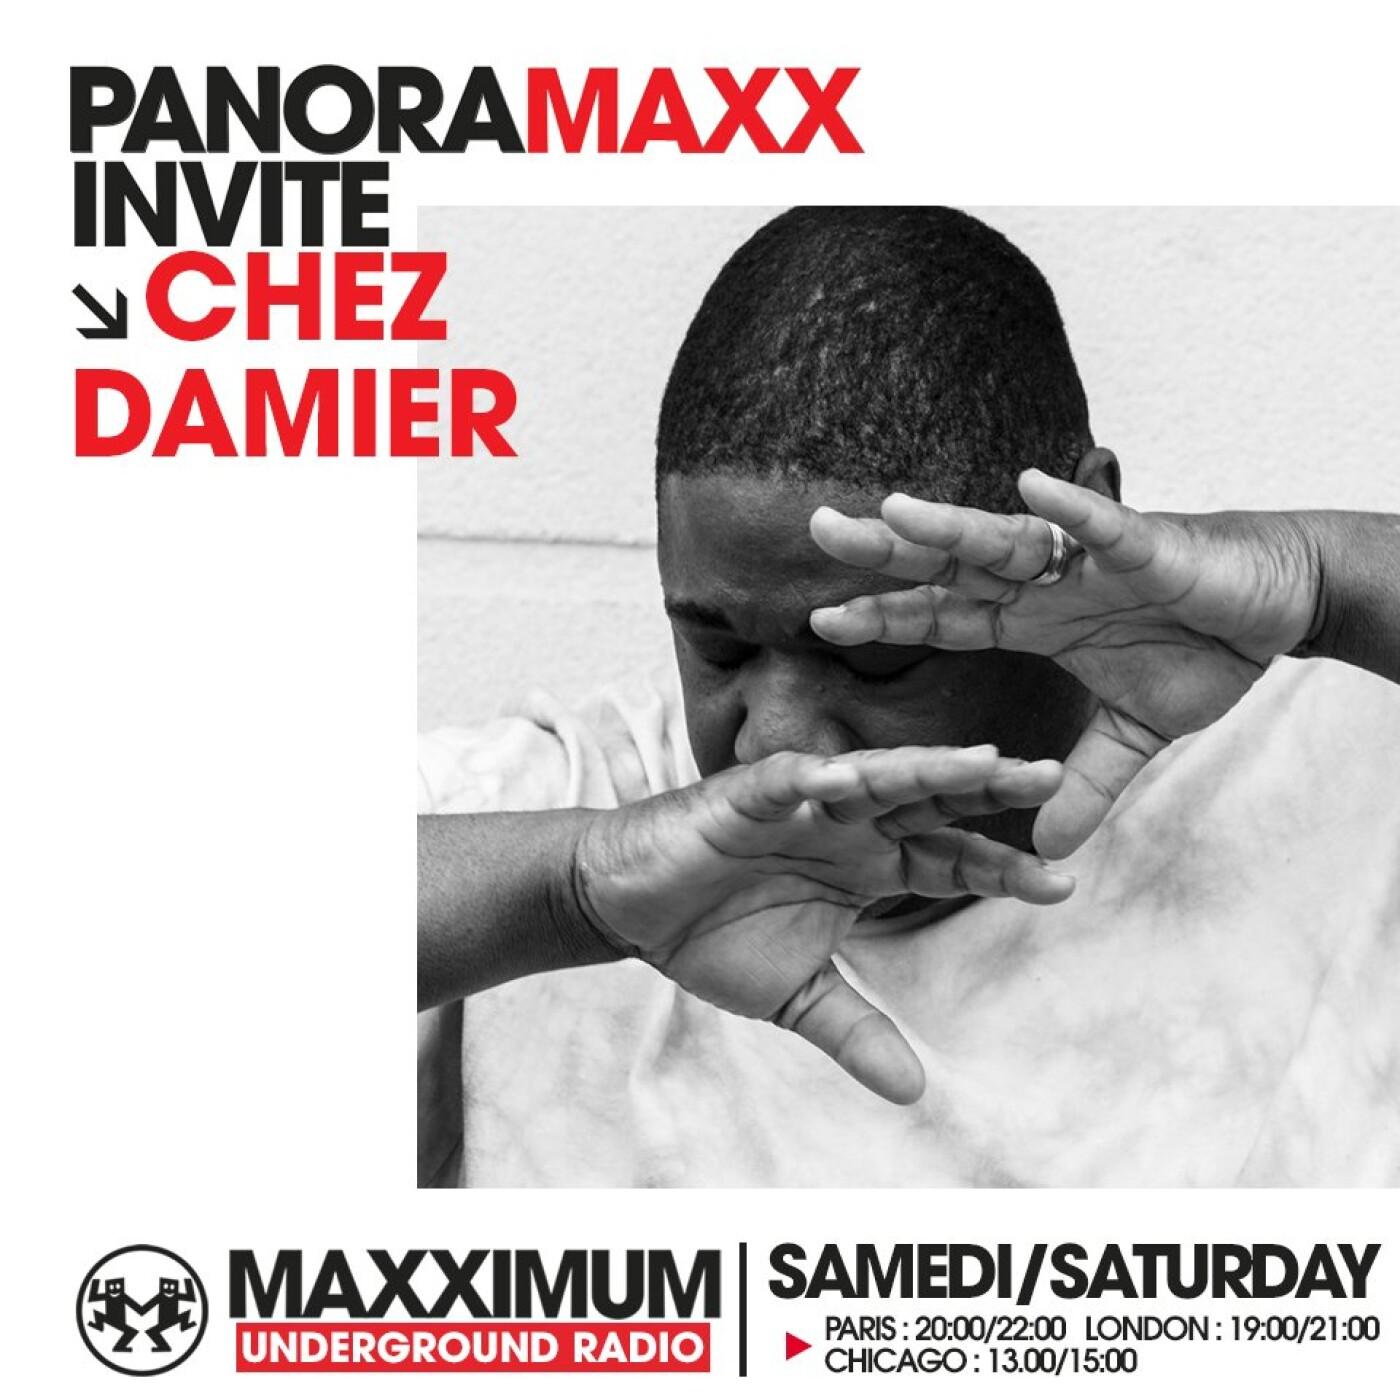 PANORAMAXX : CHEZ DAMIER